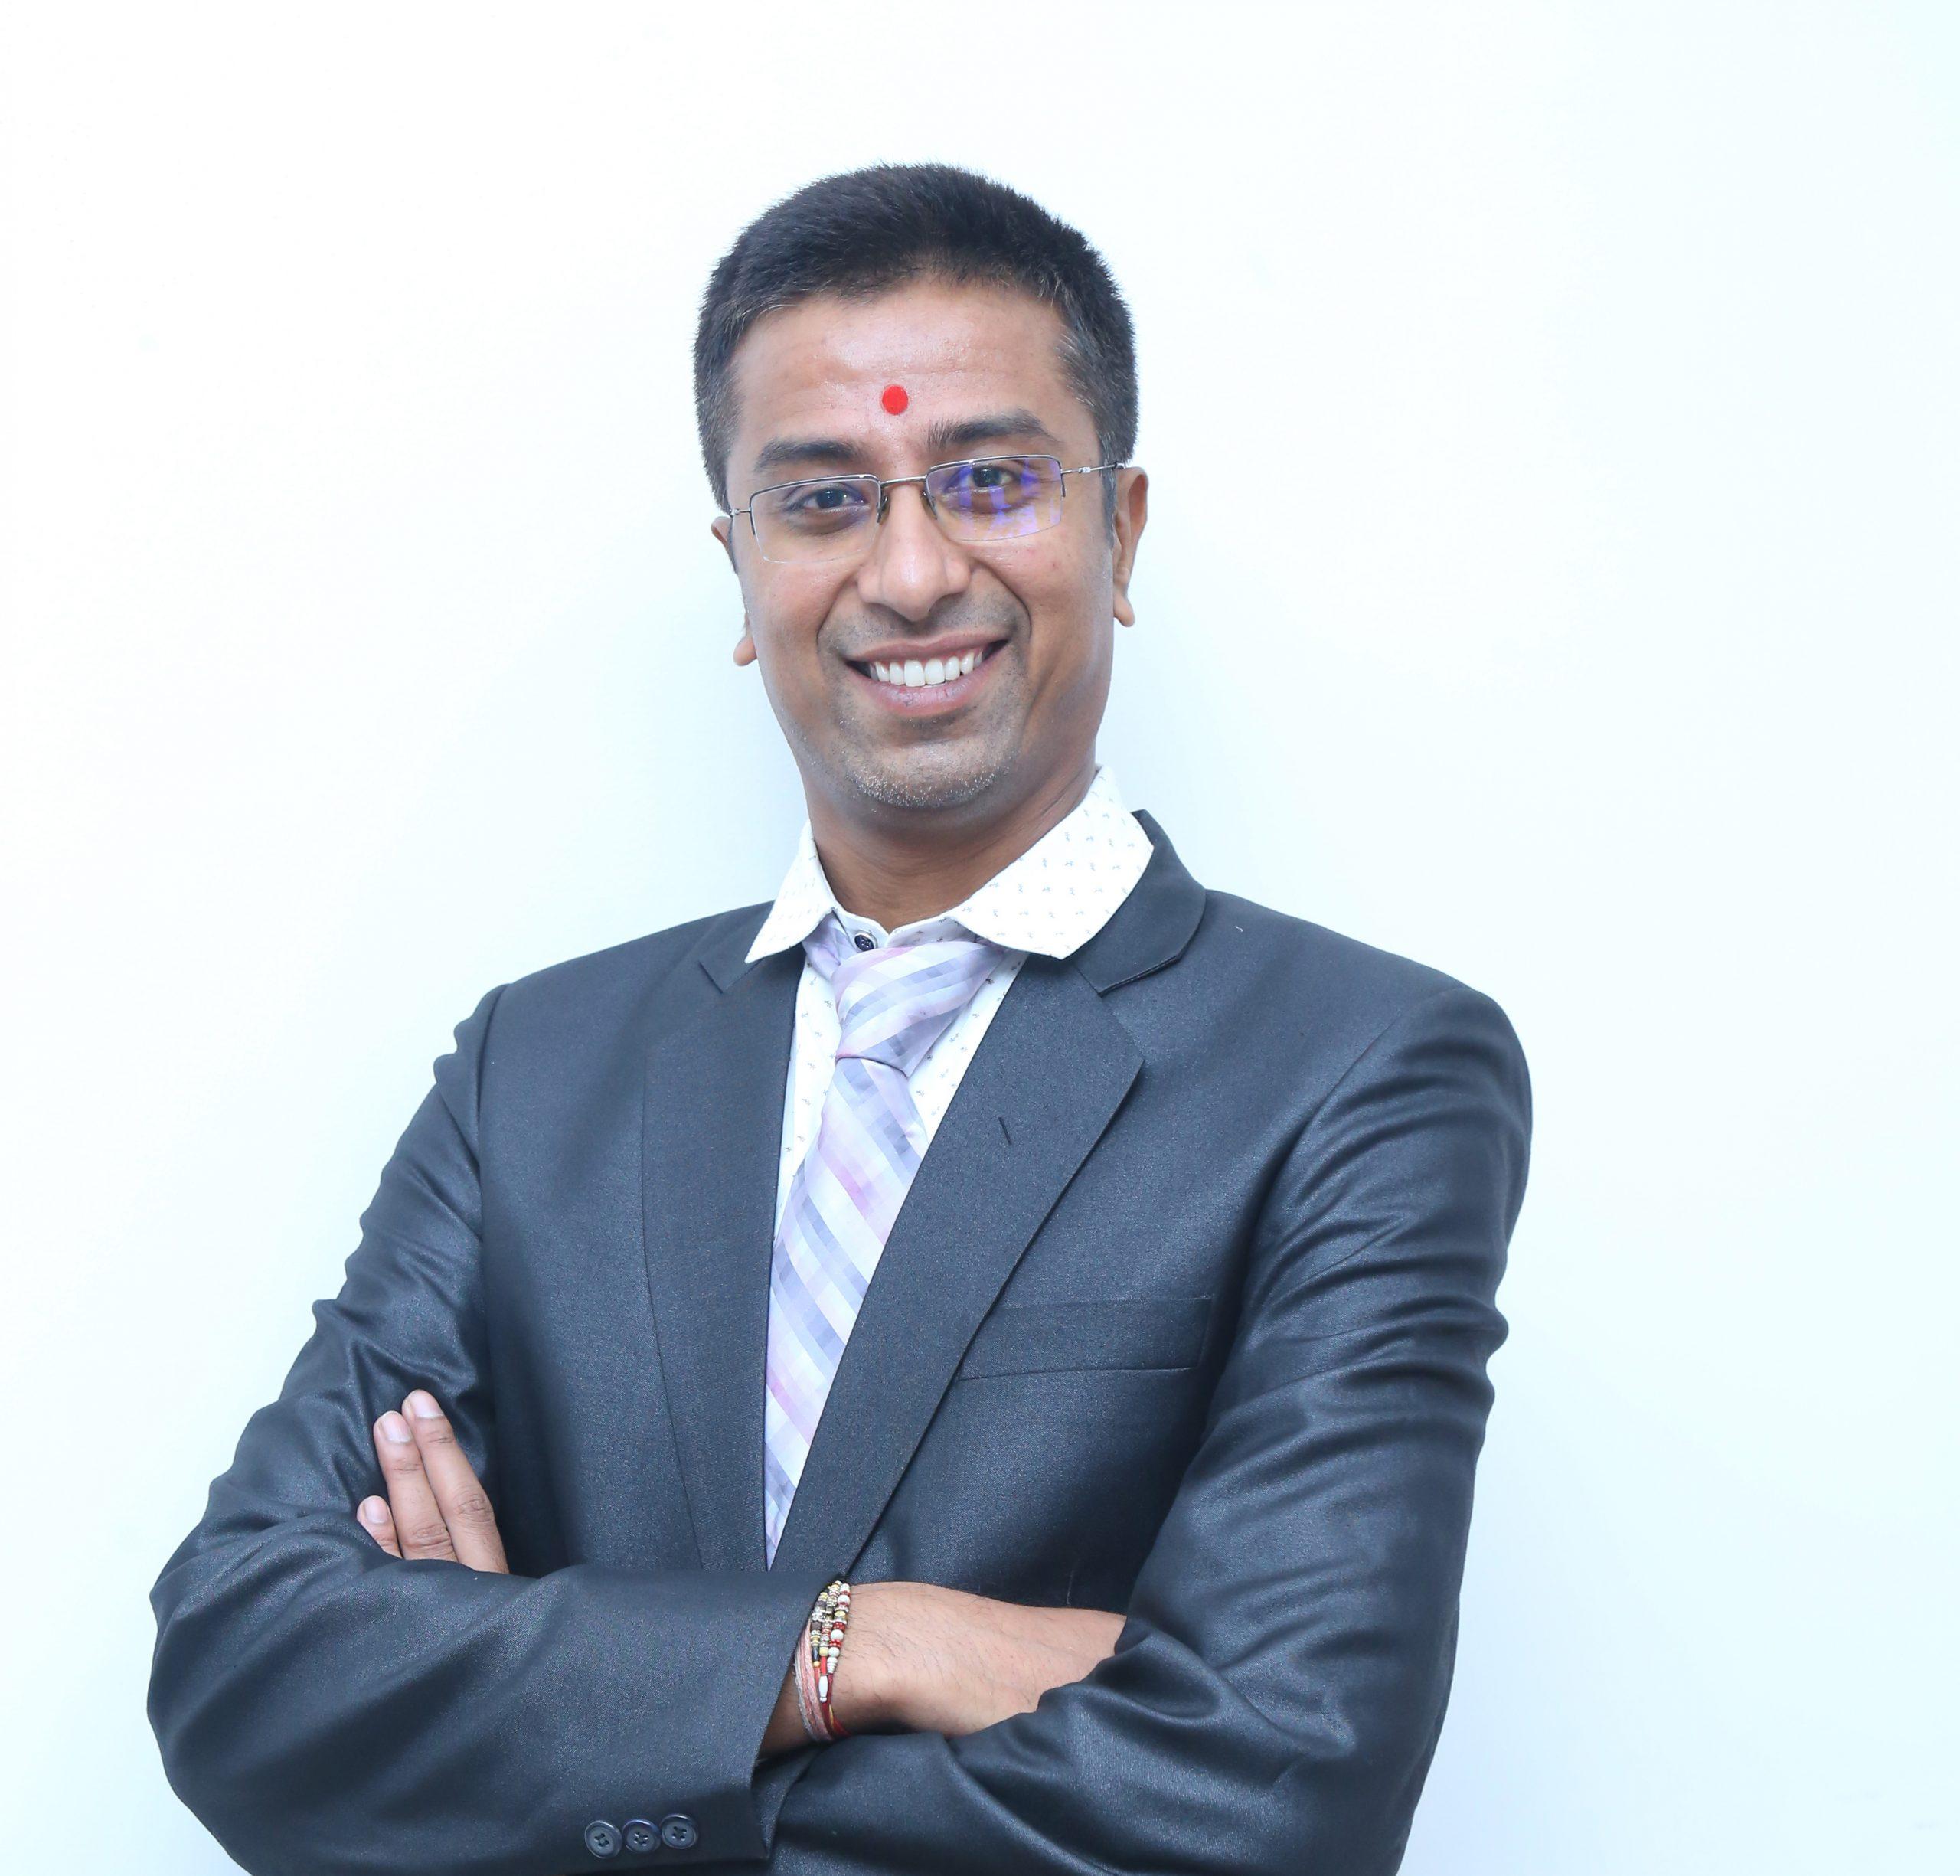 Pinkesh Patel